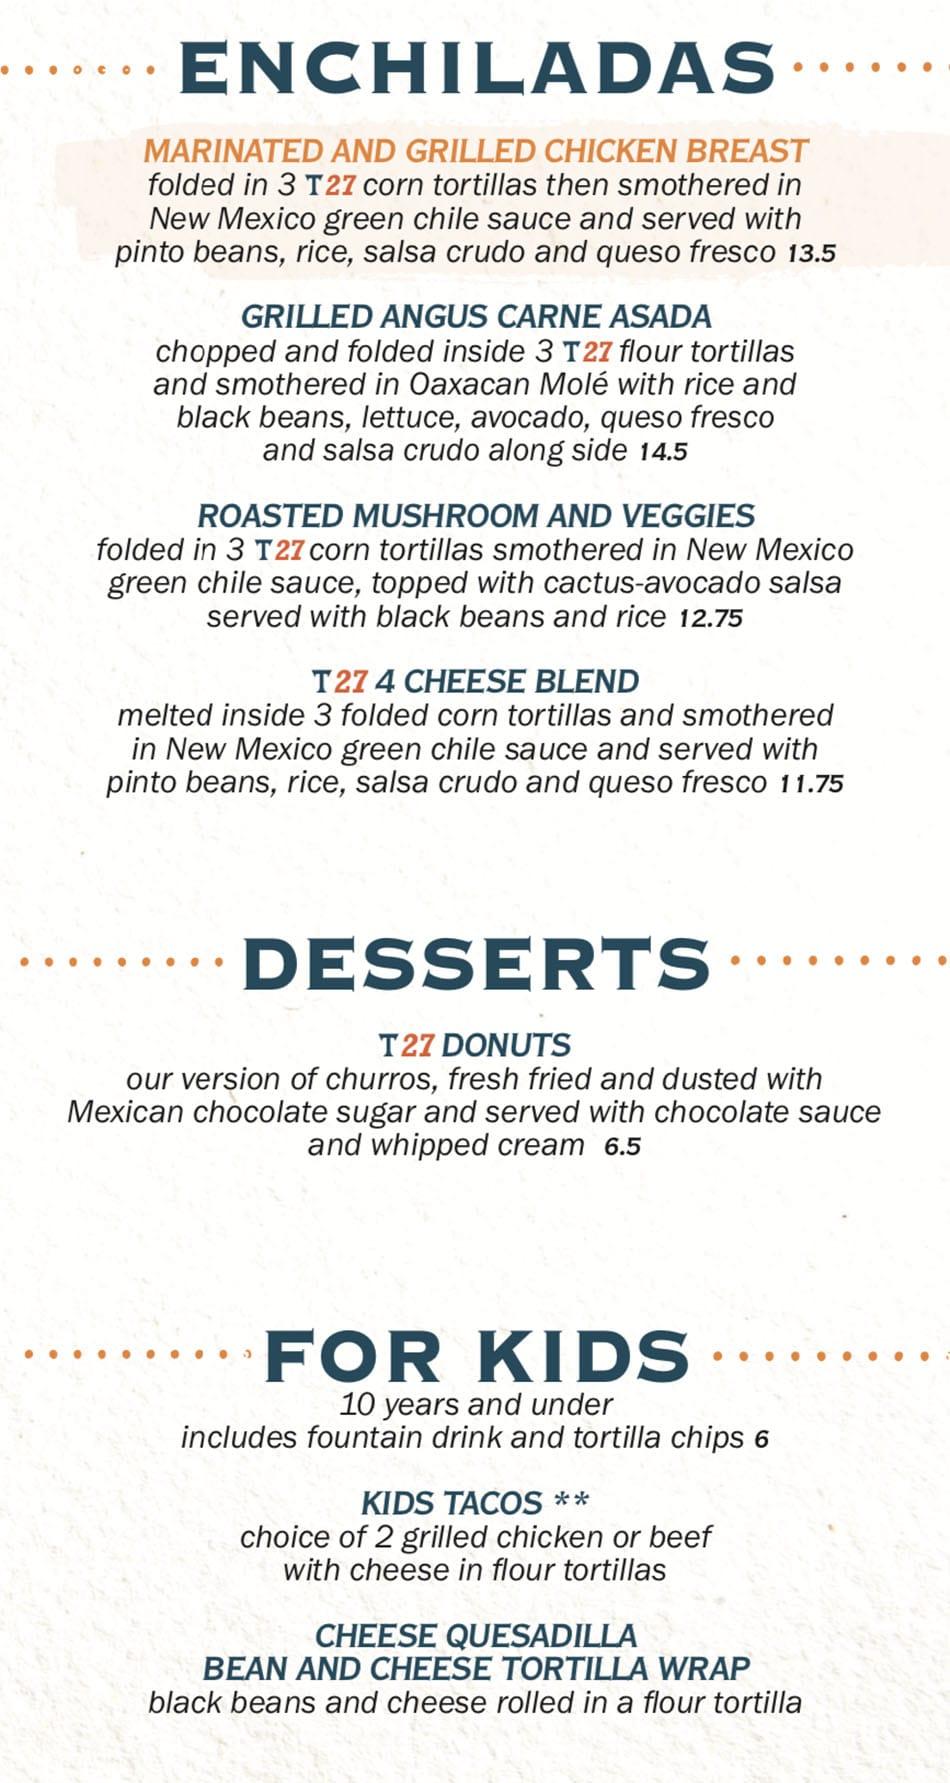 Taqueria 27 menu - enchiladas, desserts, kids